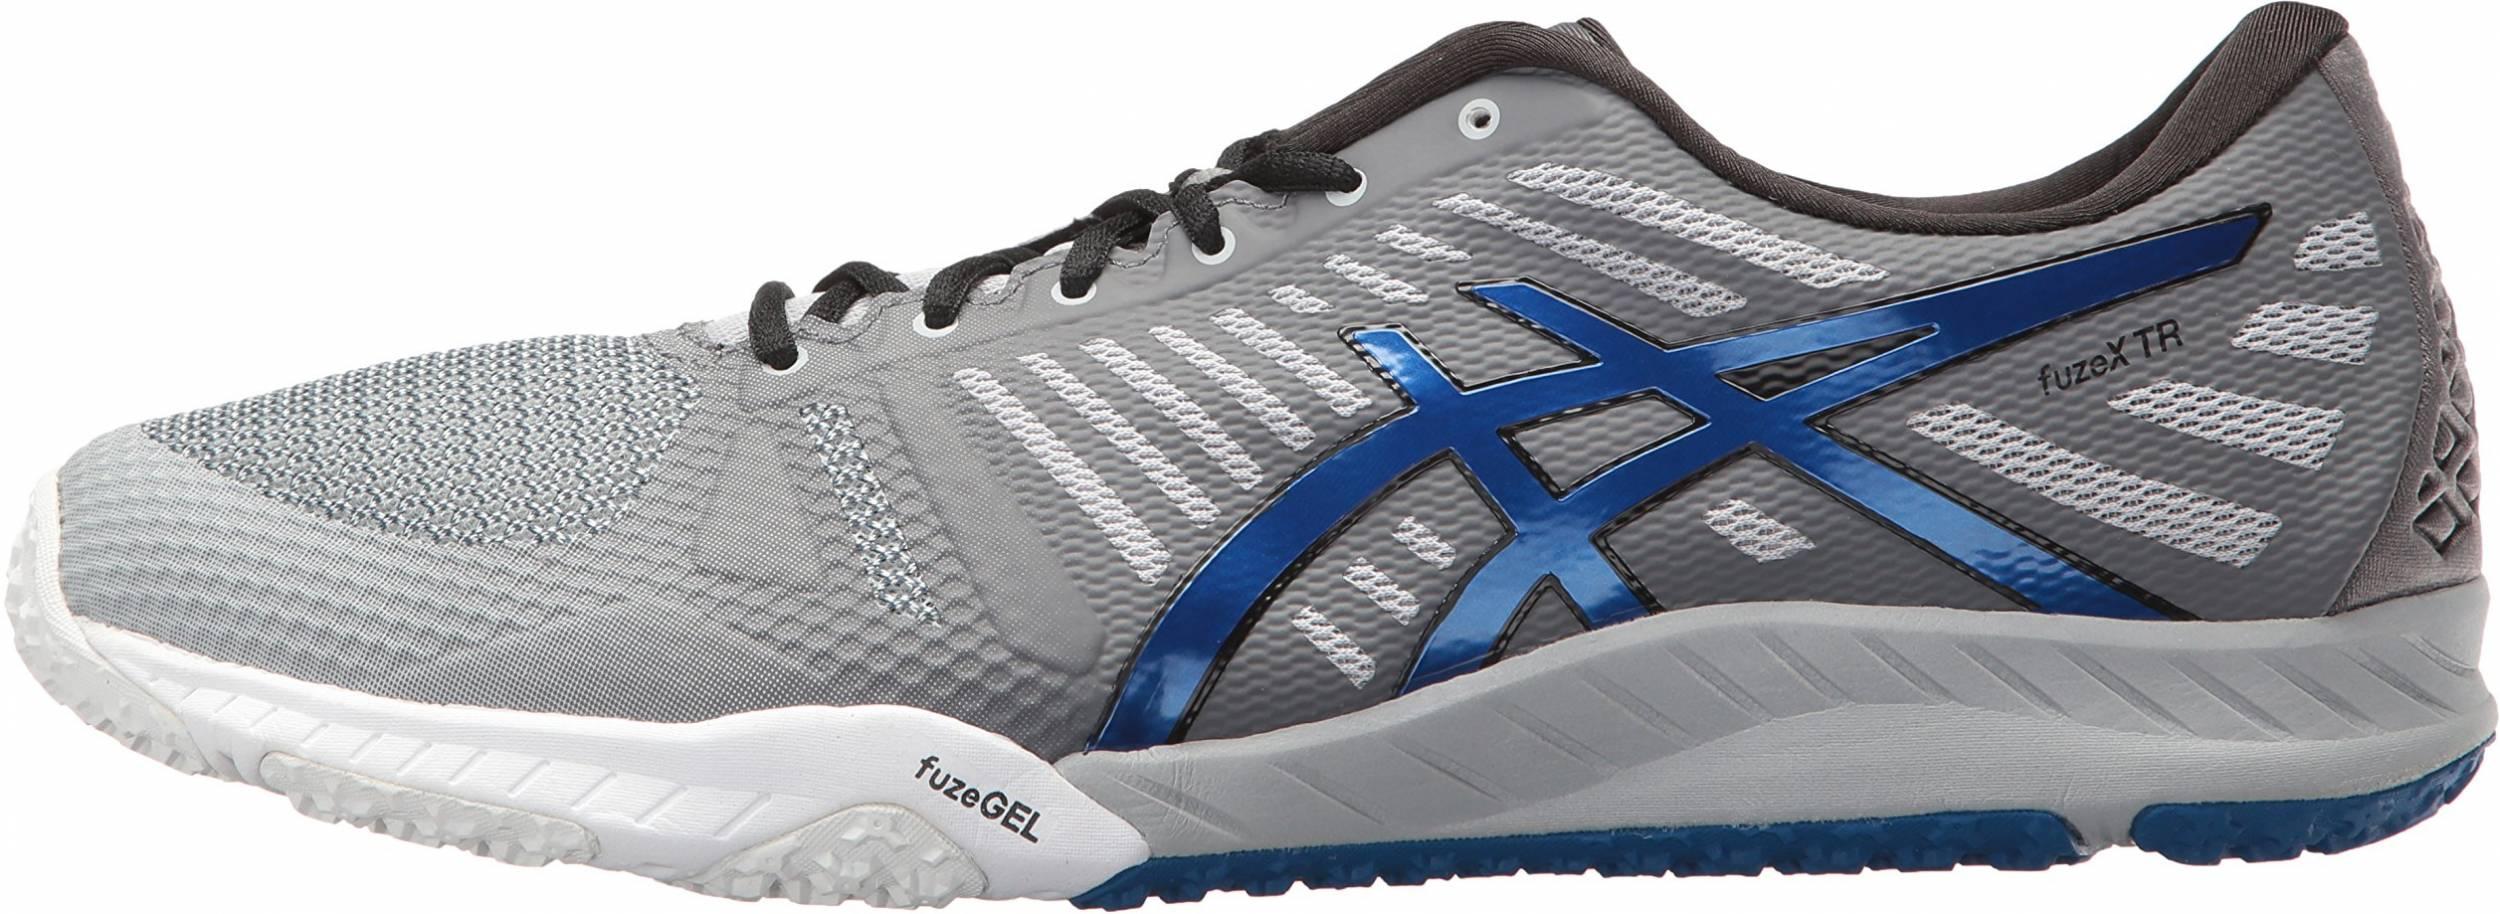 asics crossfit shoes